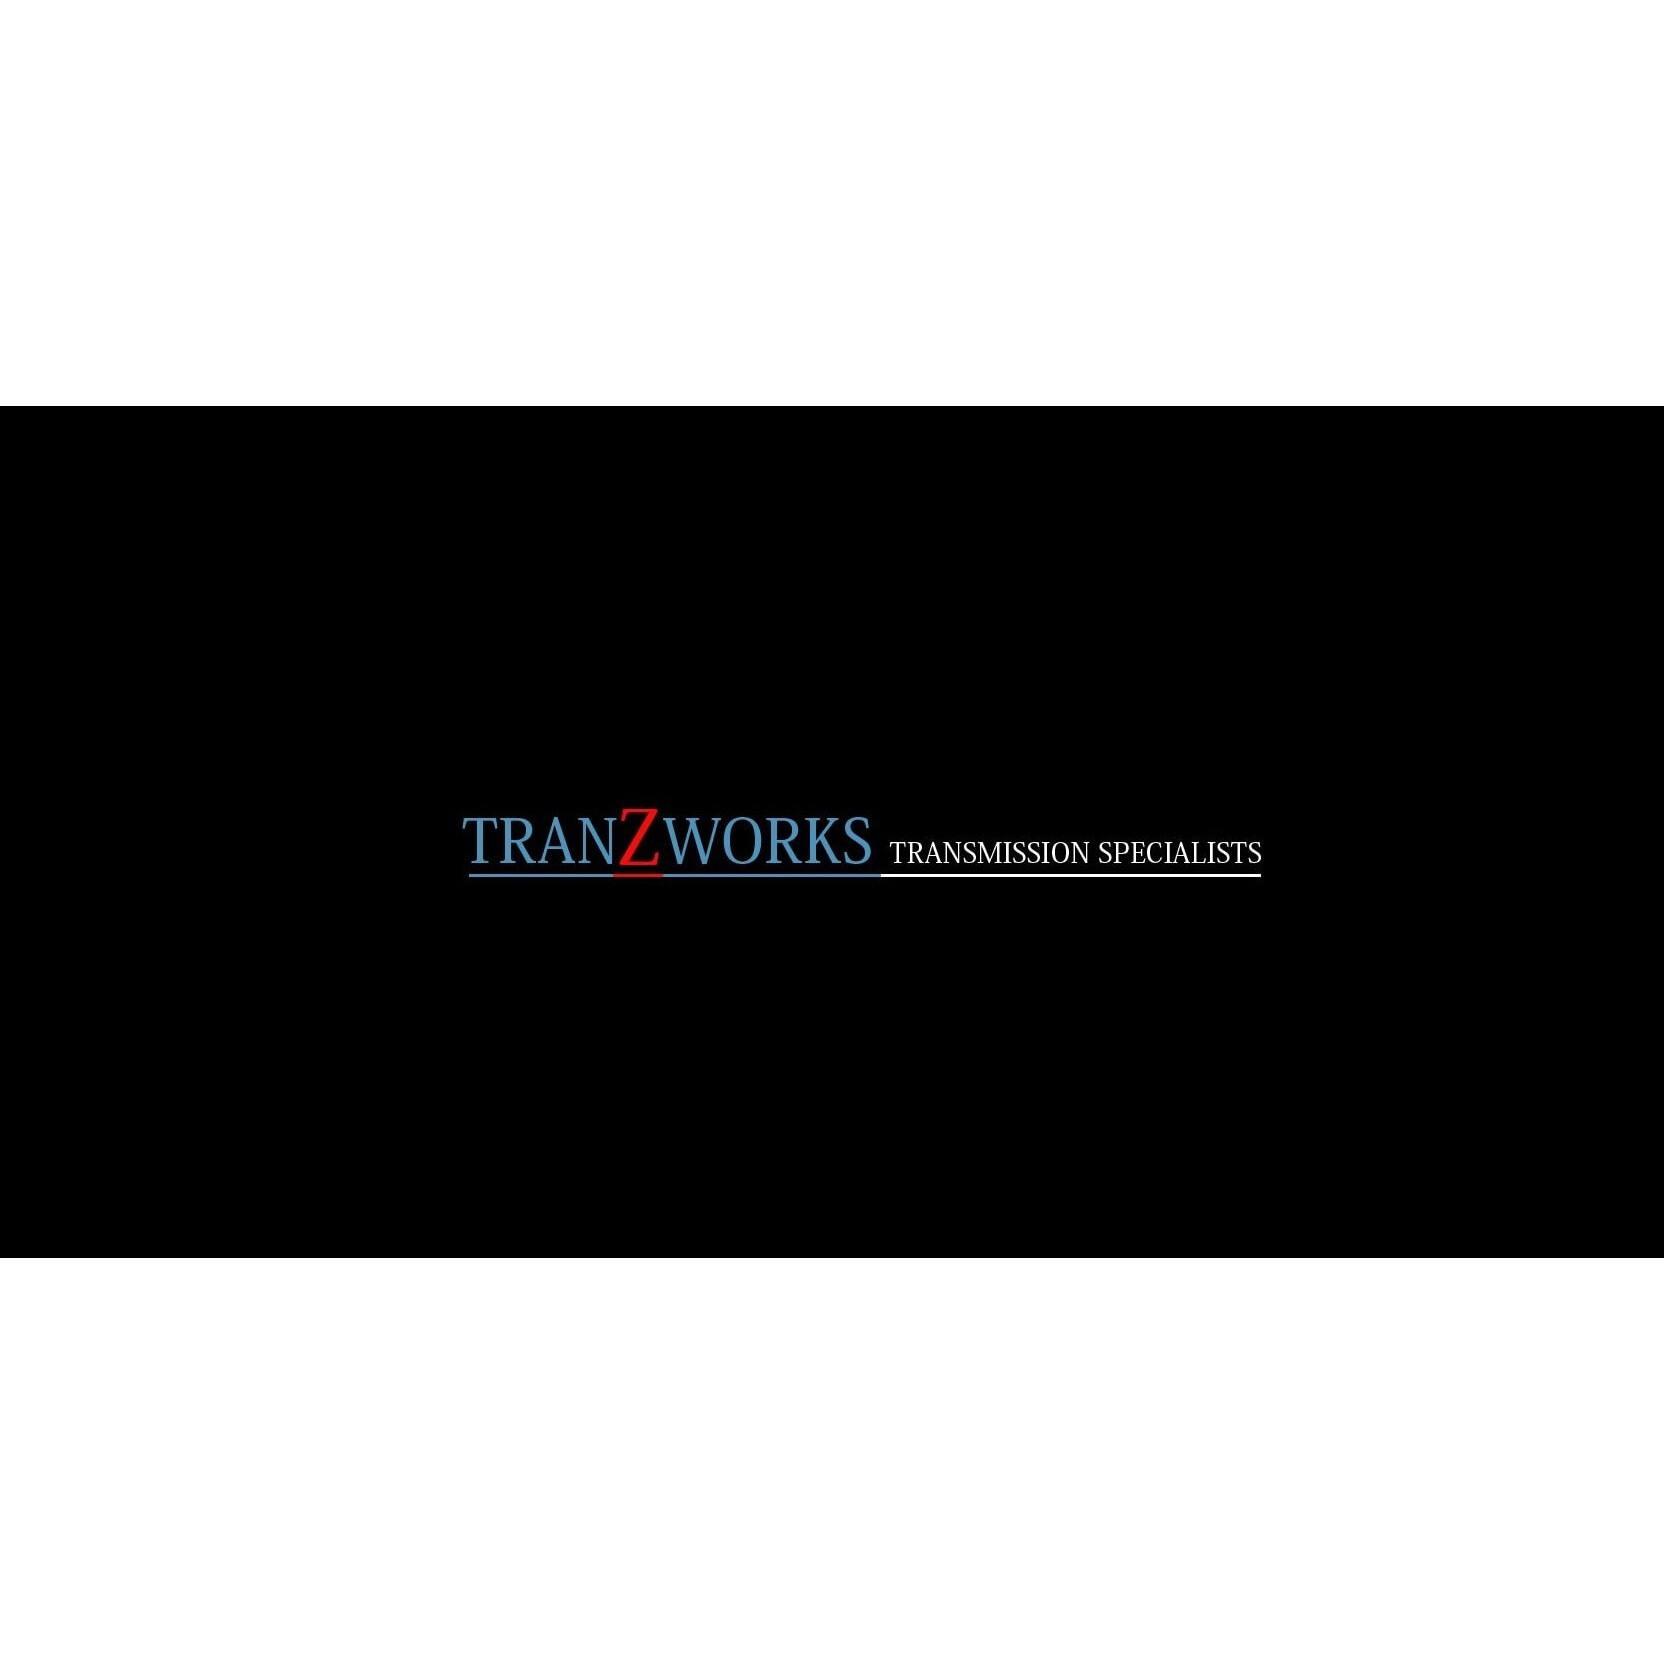 TranzWorks Transmission Specialists